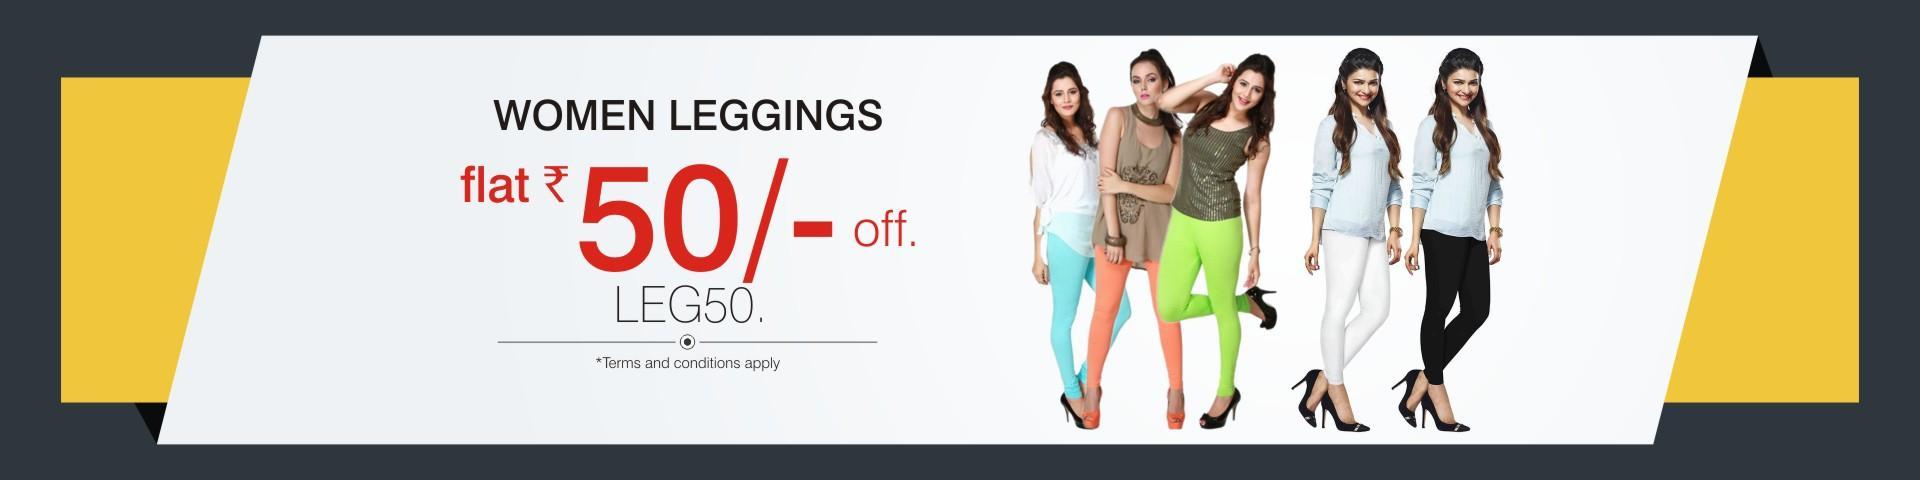 Women's Wear Offers